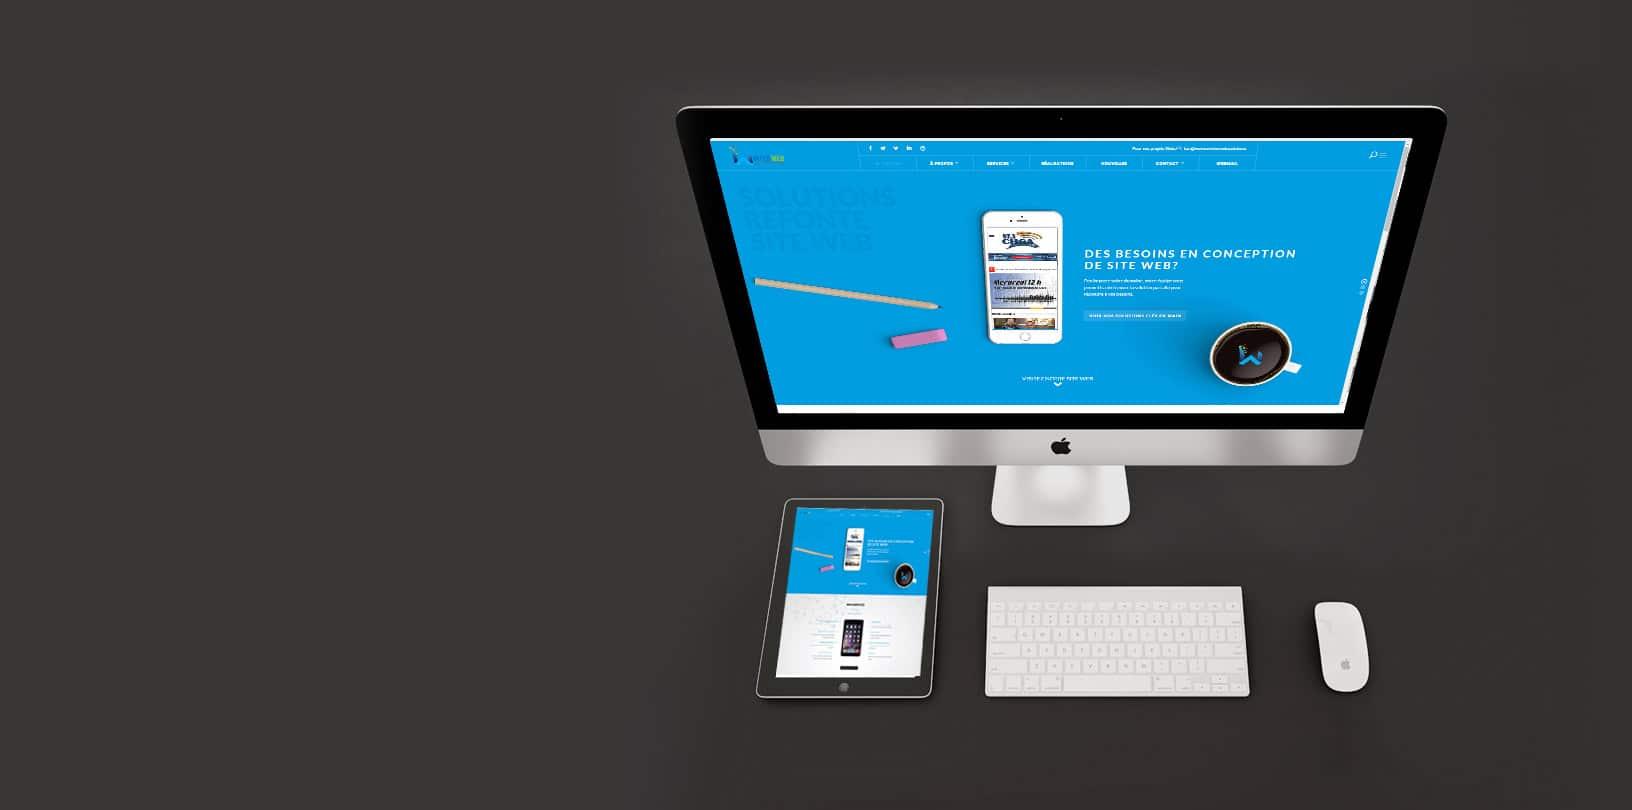 Conception site web